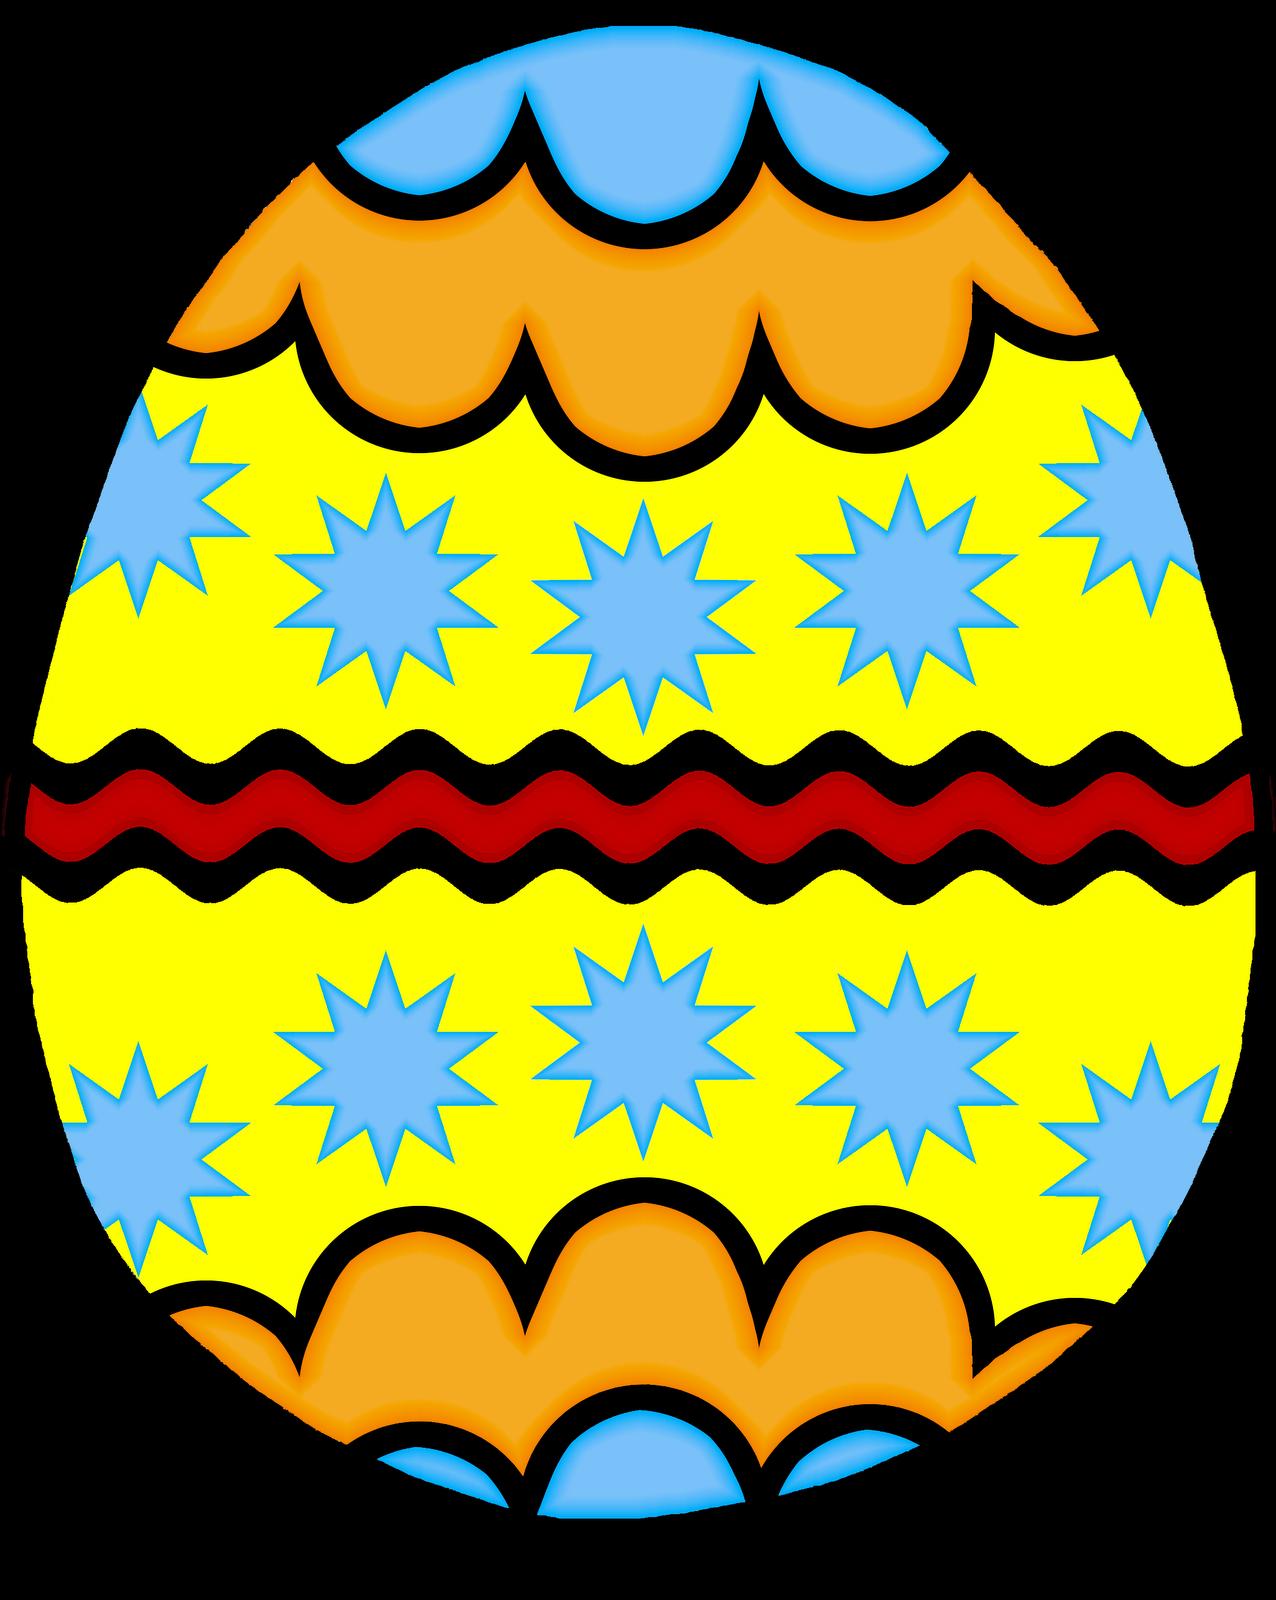 ... Easter Egg Clipart - Free Clipart Im-... Easter Egg Clipart - Free Clipart Images ...-16